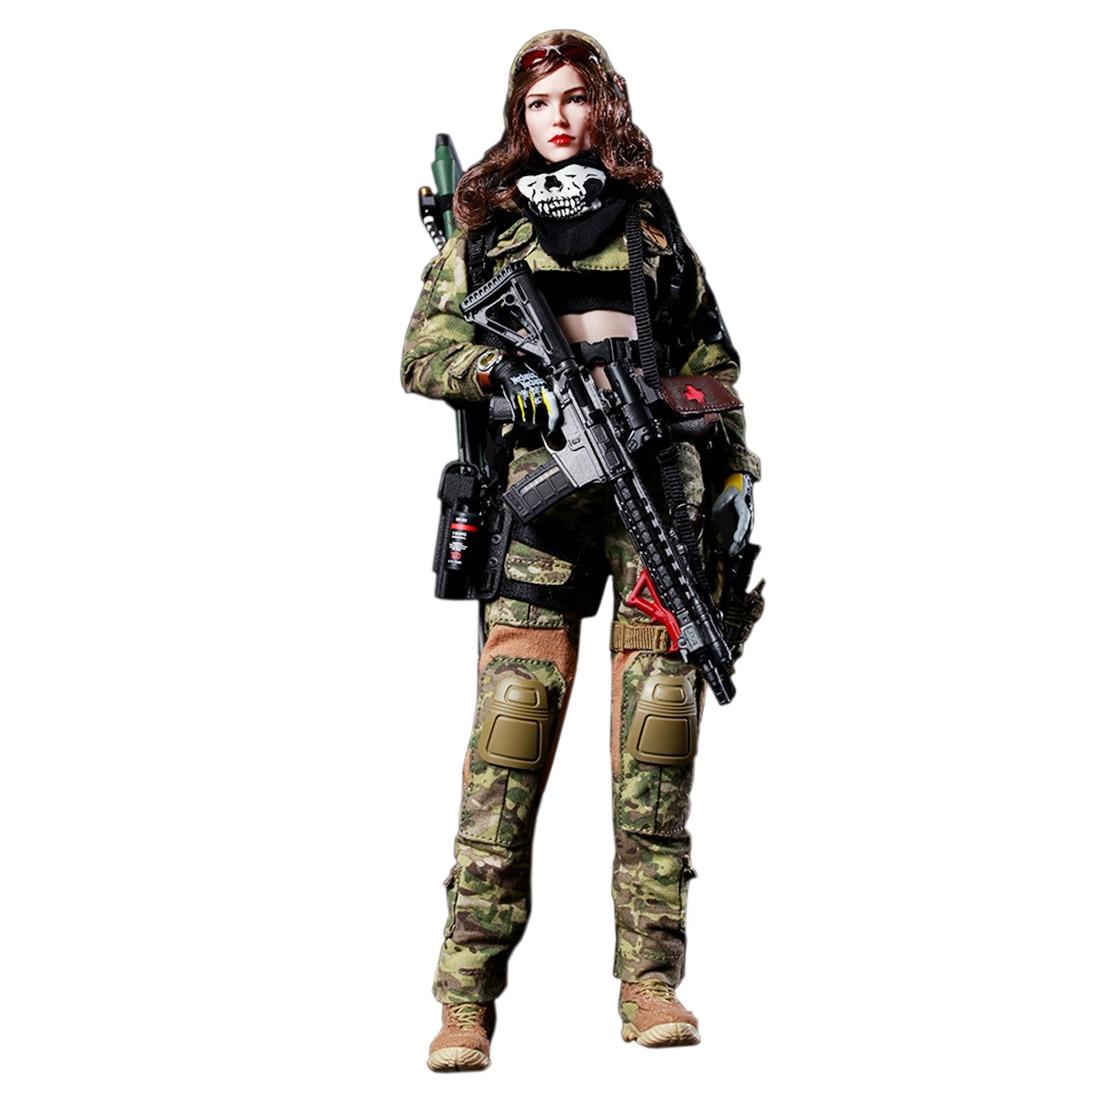 1/6 skala FLAGSET ruchome kobieta wojny anioł wojskowy żołnierz Action Figure zabawki 12 ''kolekcjonerskich kobiet Soilder Model Set w Figurki i postaci od Zabawki i hobby na  Grupa 1